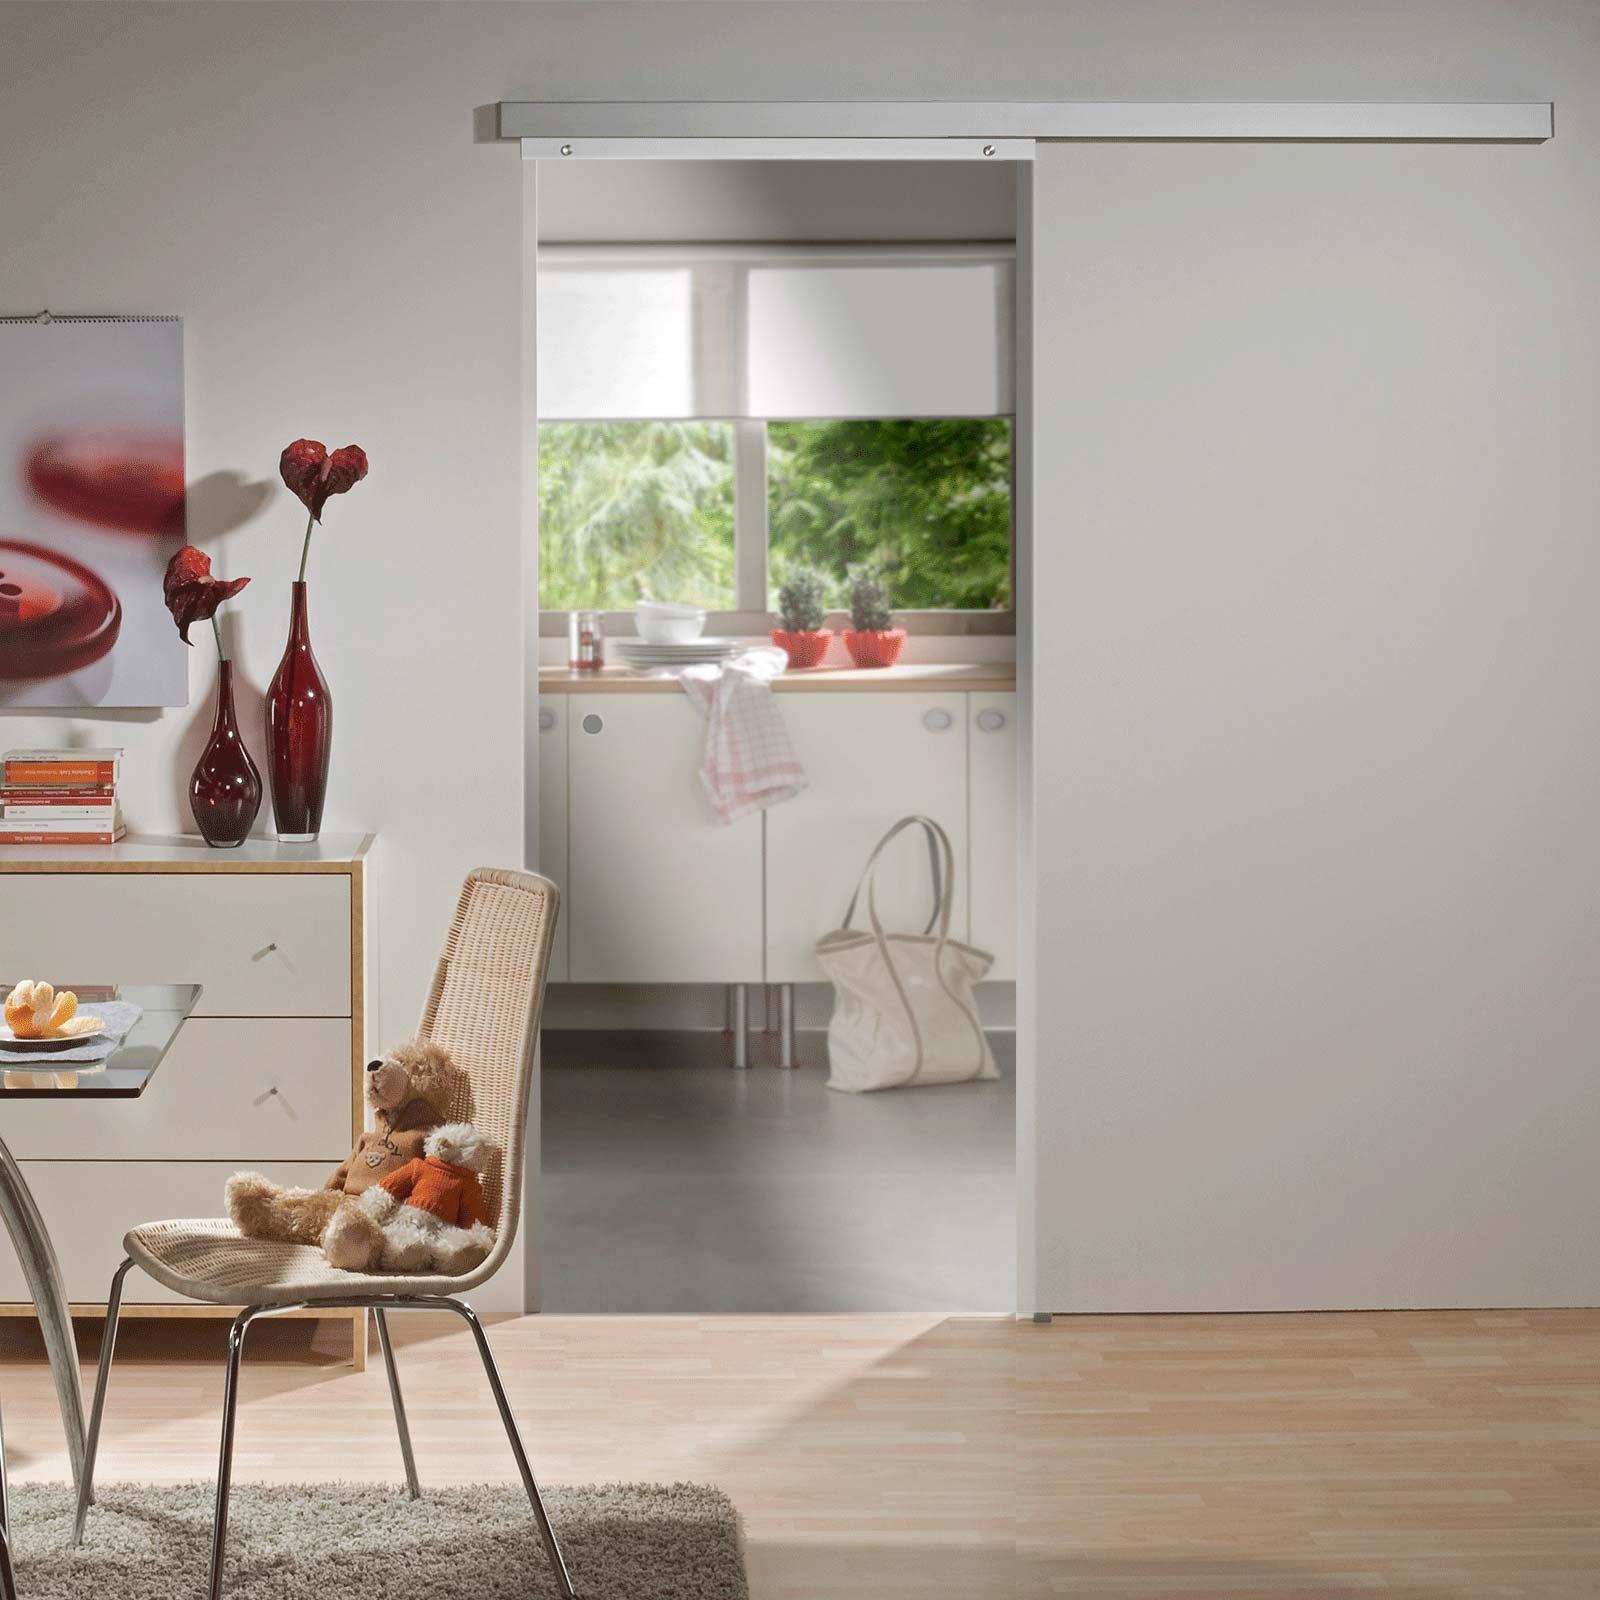 glasschiebet r schiebet r 880x2035 beschlag softclose glast r glas t r zimmert r. Black Bedroom Furniture Sets. Home Design Ideas